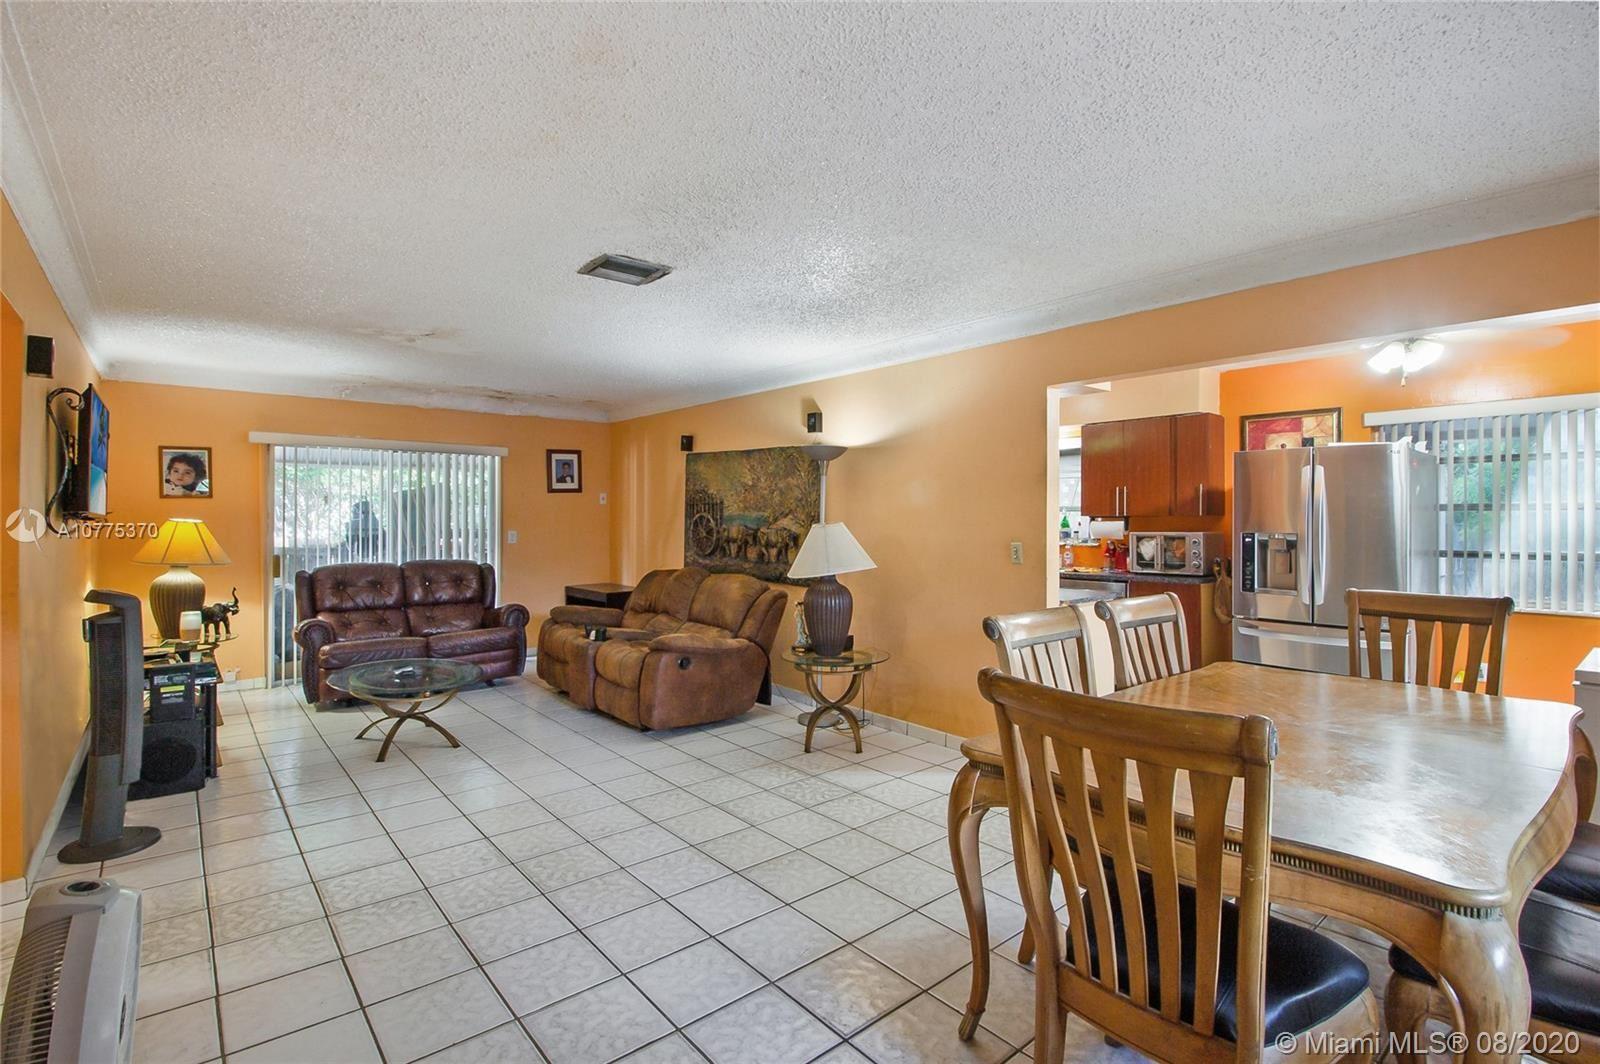 1201 SW 43rd Ave, Miami, FL 33134 - #: A10775370